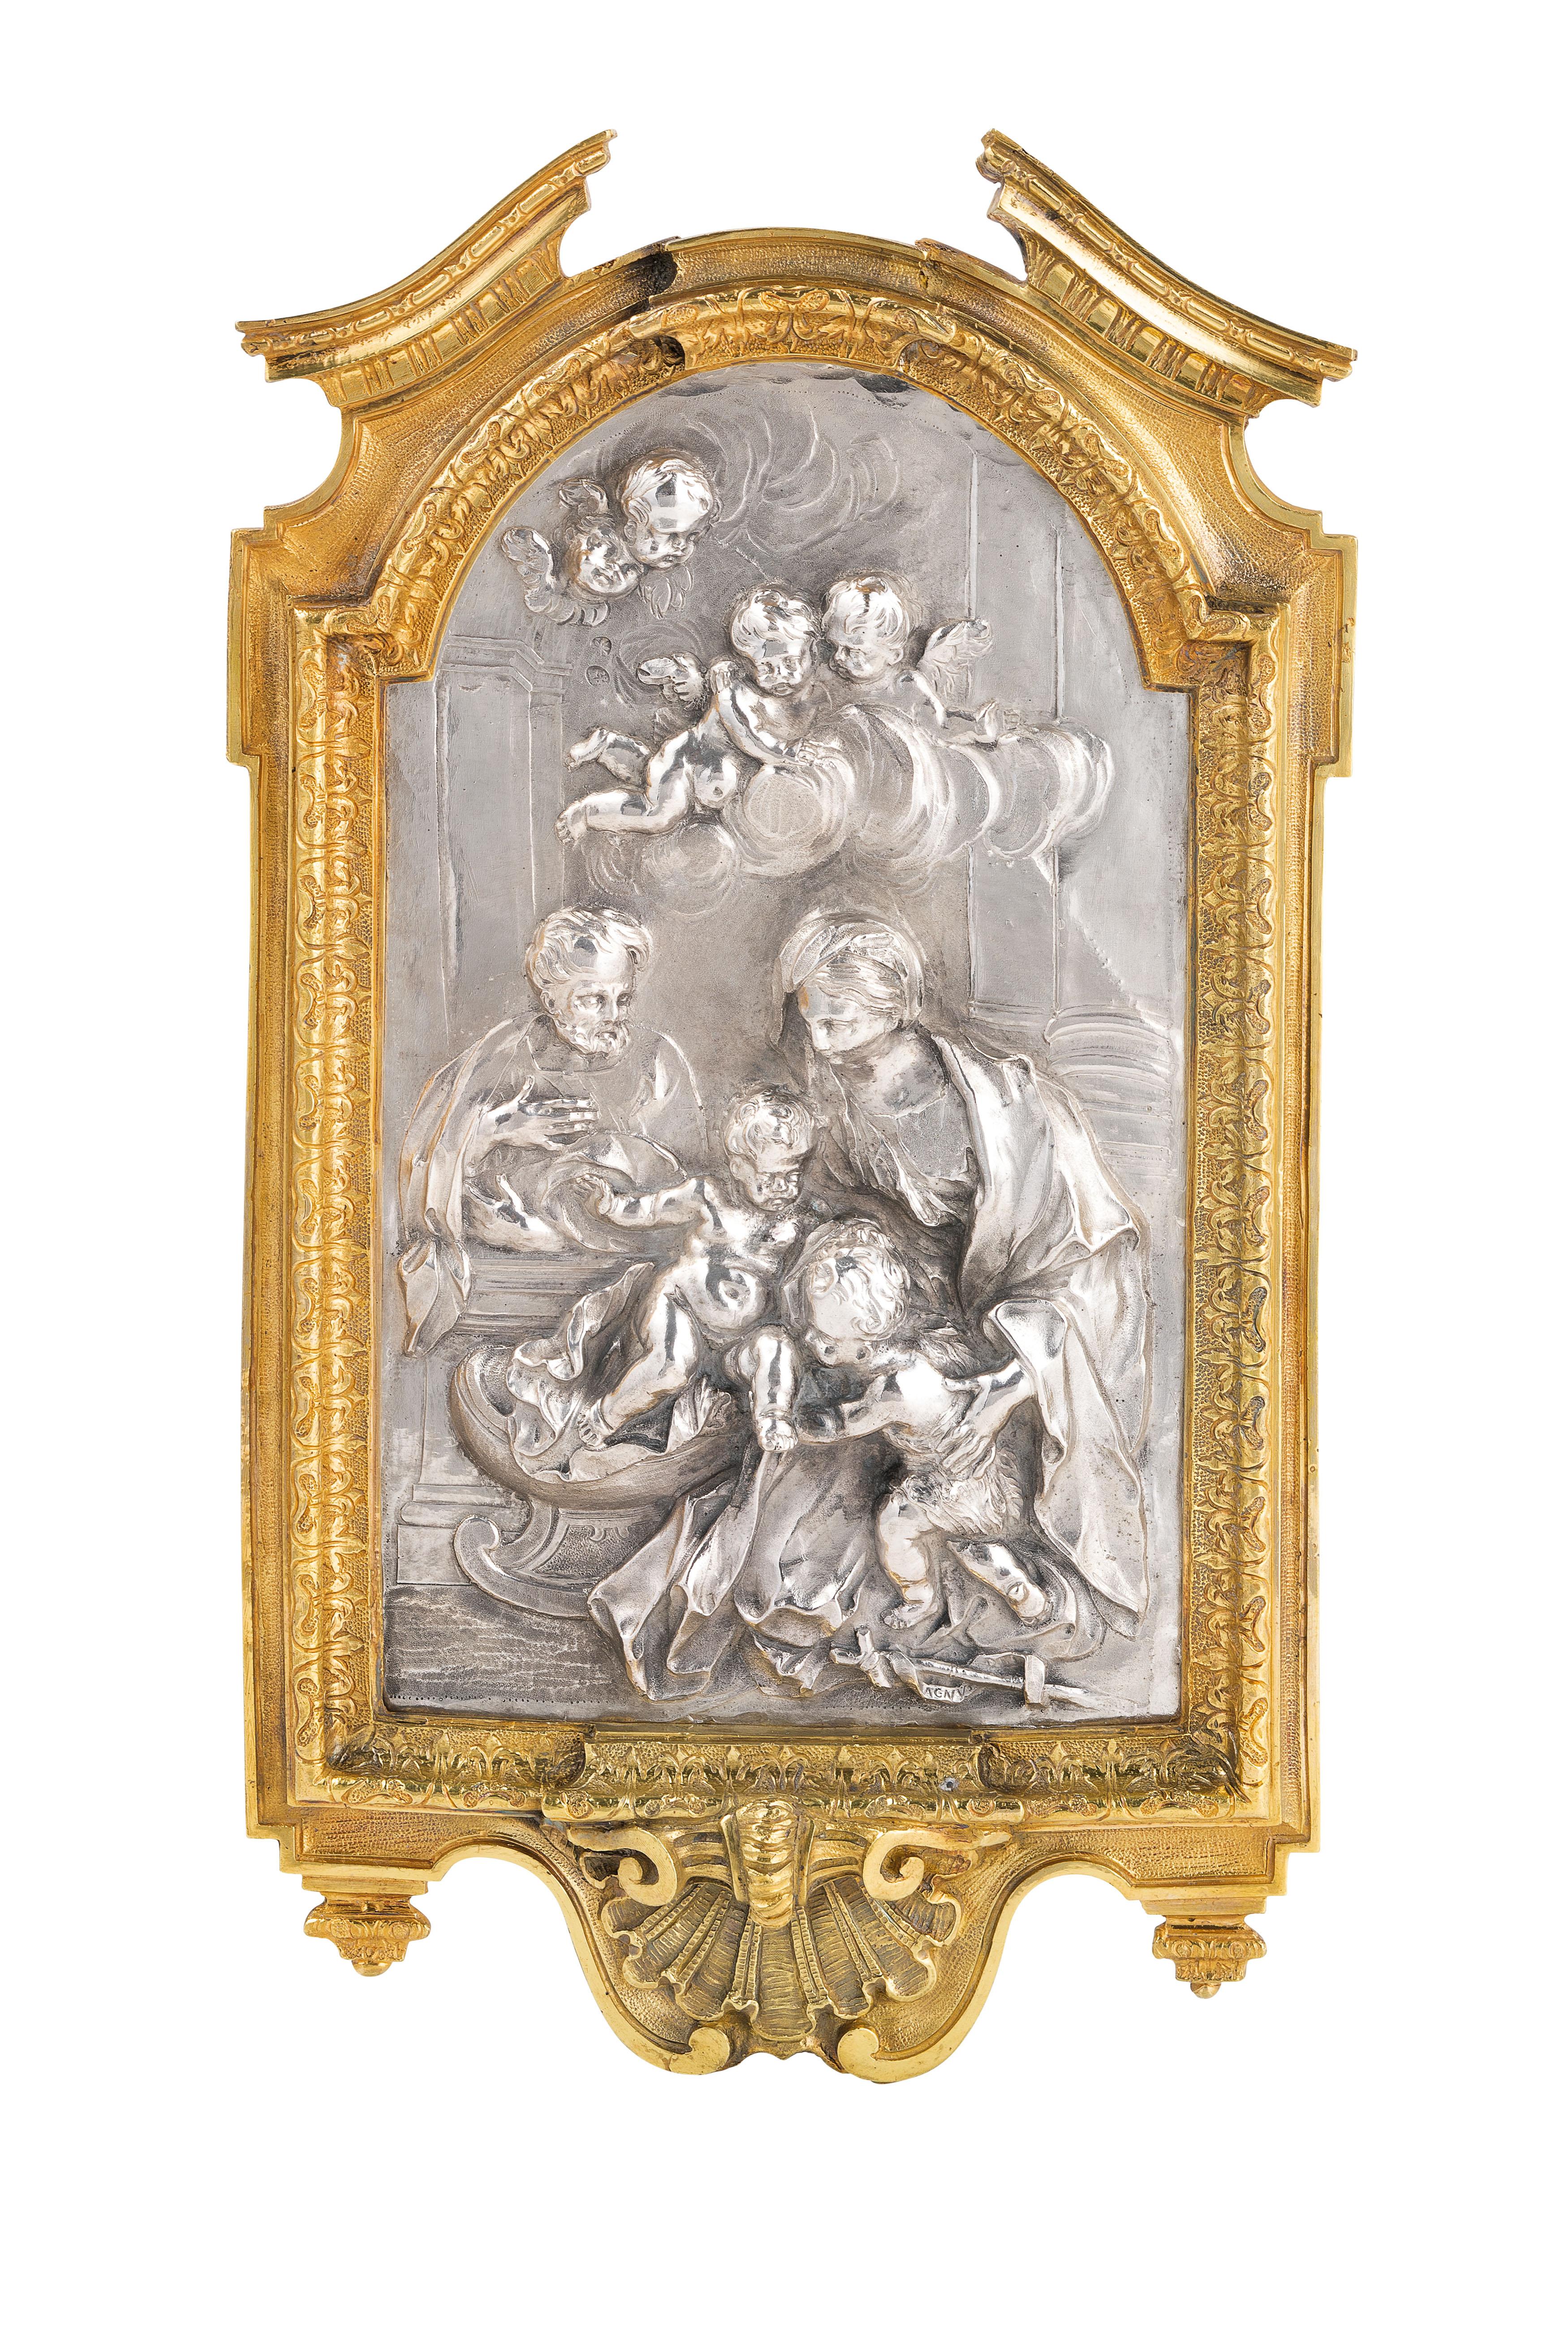 PLACCA IN ARGENTO CON CORNICE IN BRONZO DORATO, ROMA, XVIII SECOLO, ORAFO G. MALTRAVERSI